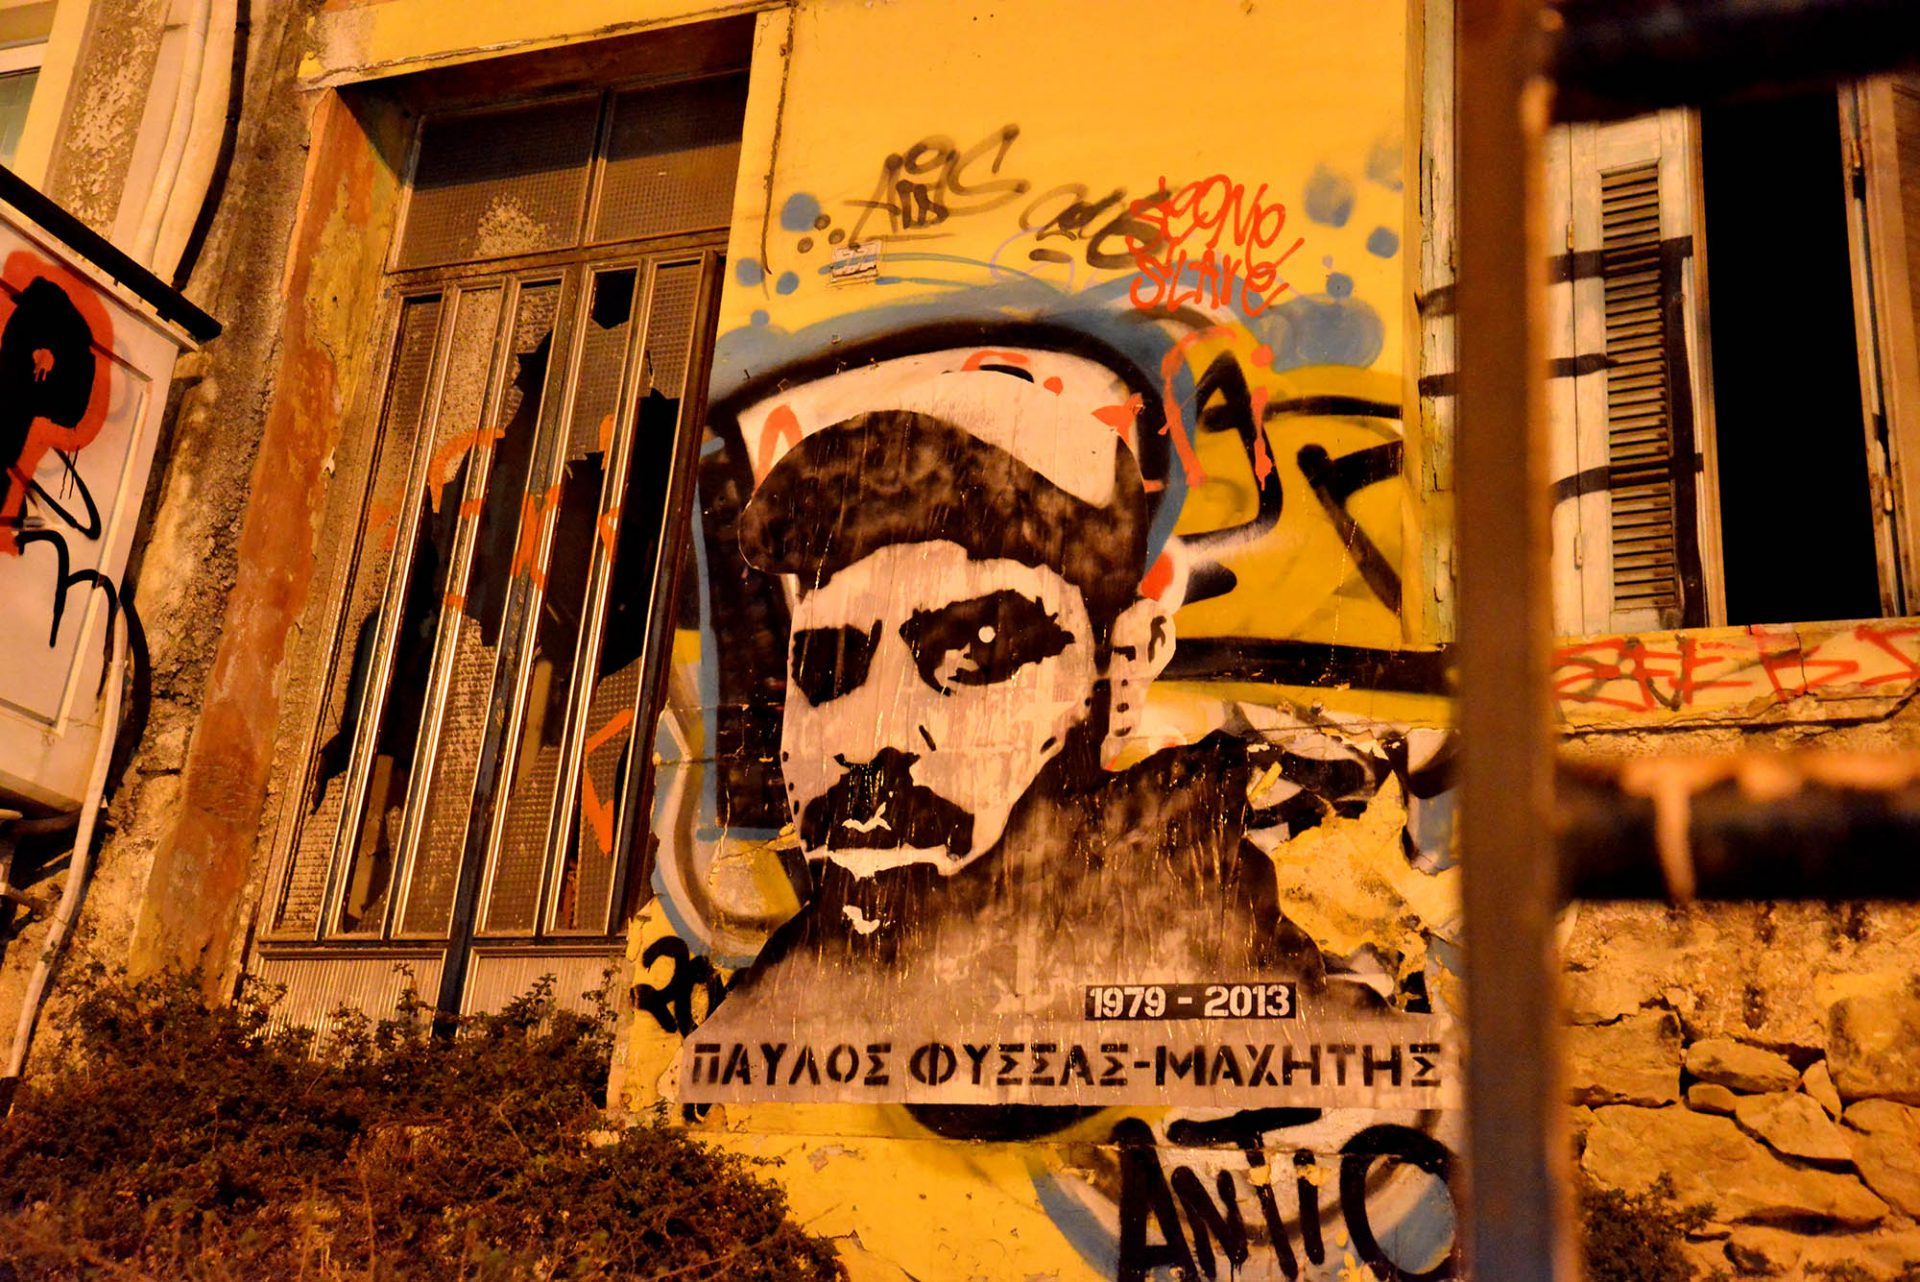 Παρέμβαση στην περιοχή του Κερατσινίου, 2 χρόνια από τη δολοφονία του Παύλου Φύσσα – 09/2015, by Political Stencil